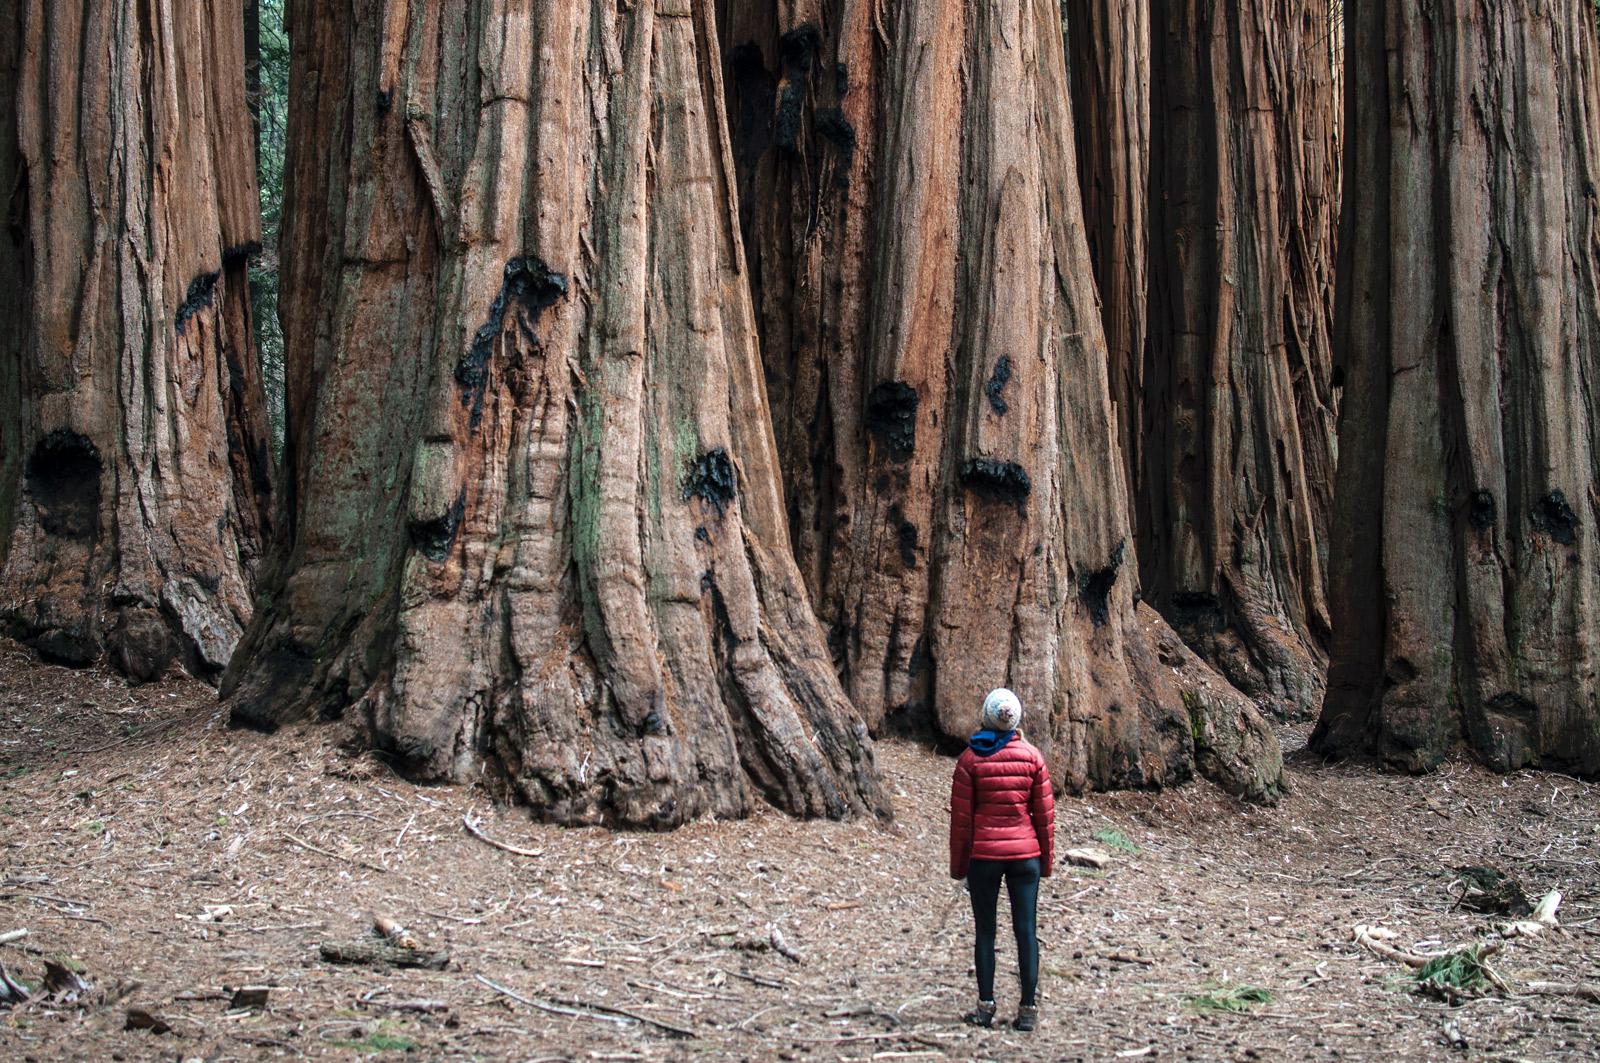 Eine Frau mit roter Daunenjacke steht vor ein paar Mammutbäumen. Sie wirkt unglaublich winzig. Die Bäume haben bestimmt einen Umfang von drei bis vier Metern. Die alten Bäume haben an manchen Rindenstellen schwarze Flecken, die an Verbrennungen vergangener Feuer erinnern.